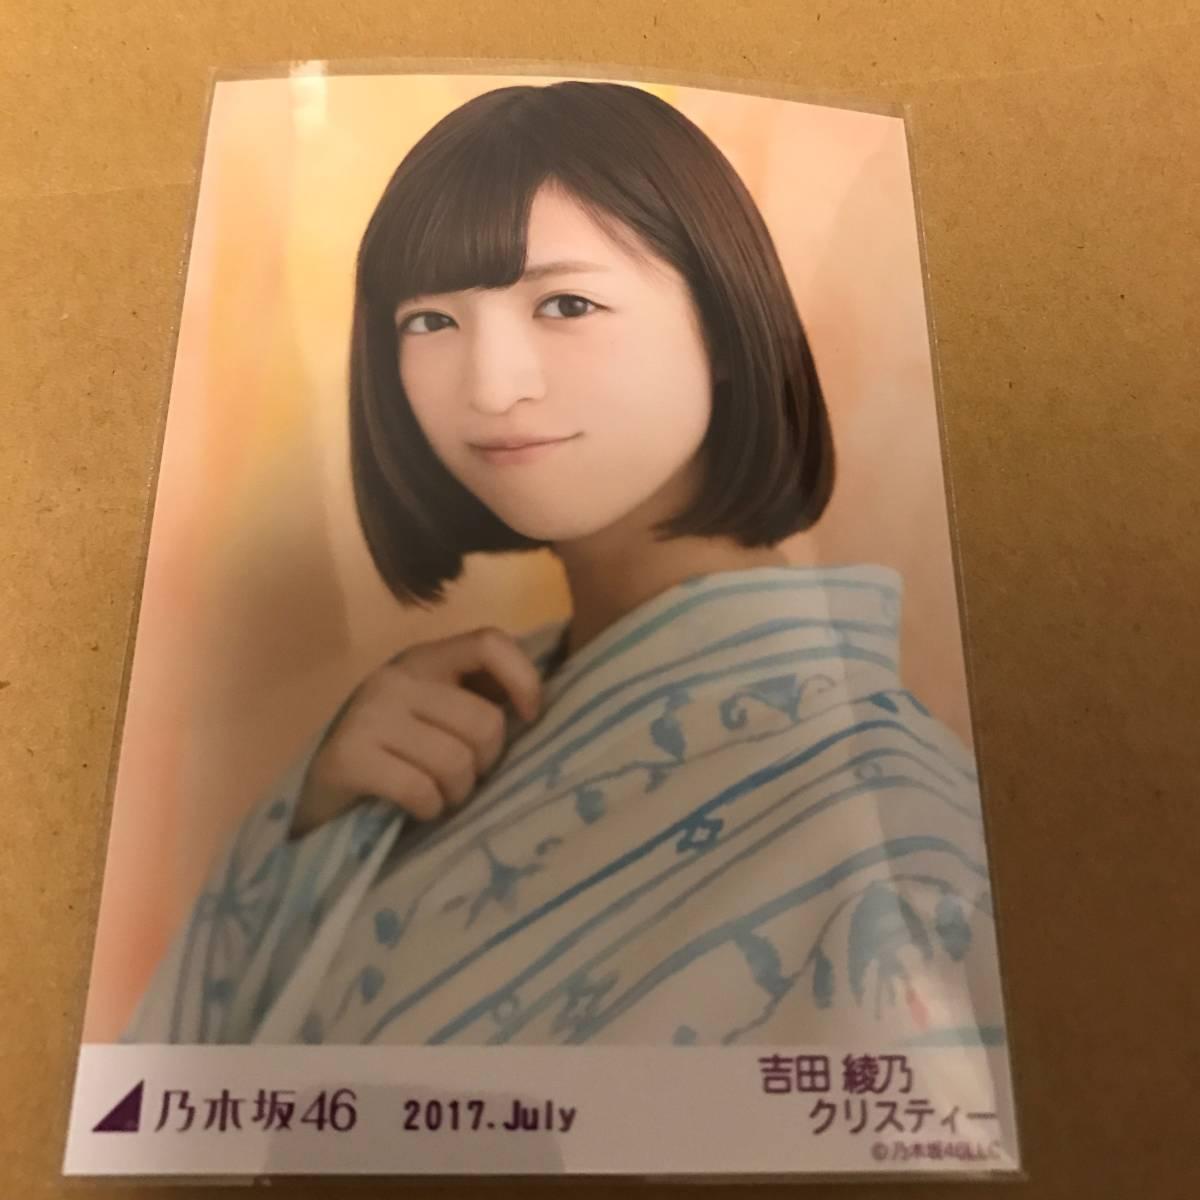 2017 全国ツアー 浴衣ver 吉田綾乃クリスティー 生写真